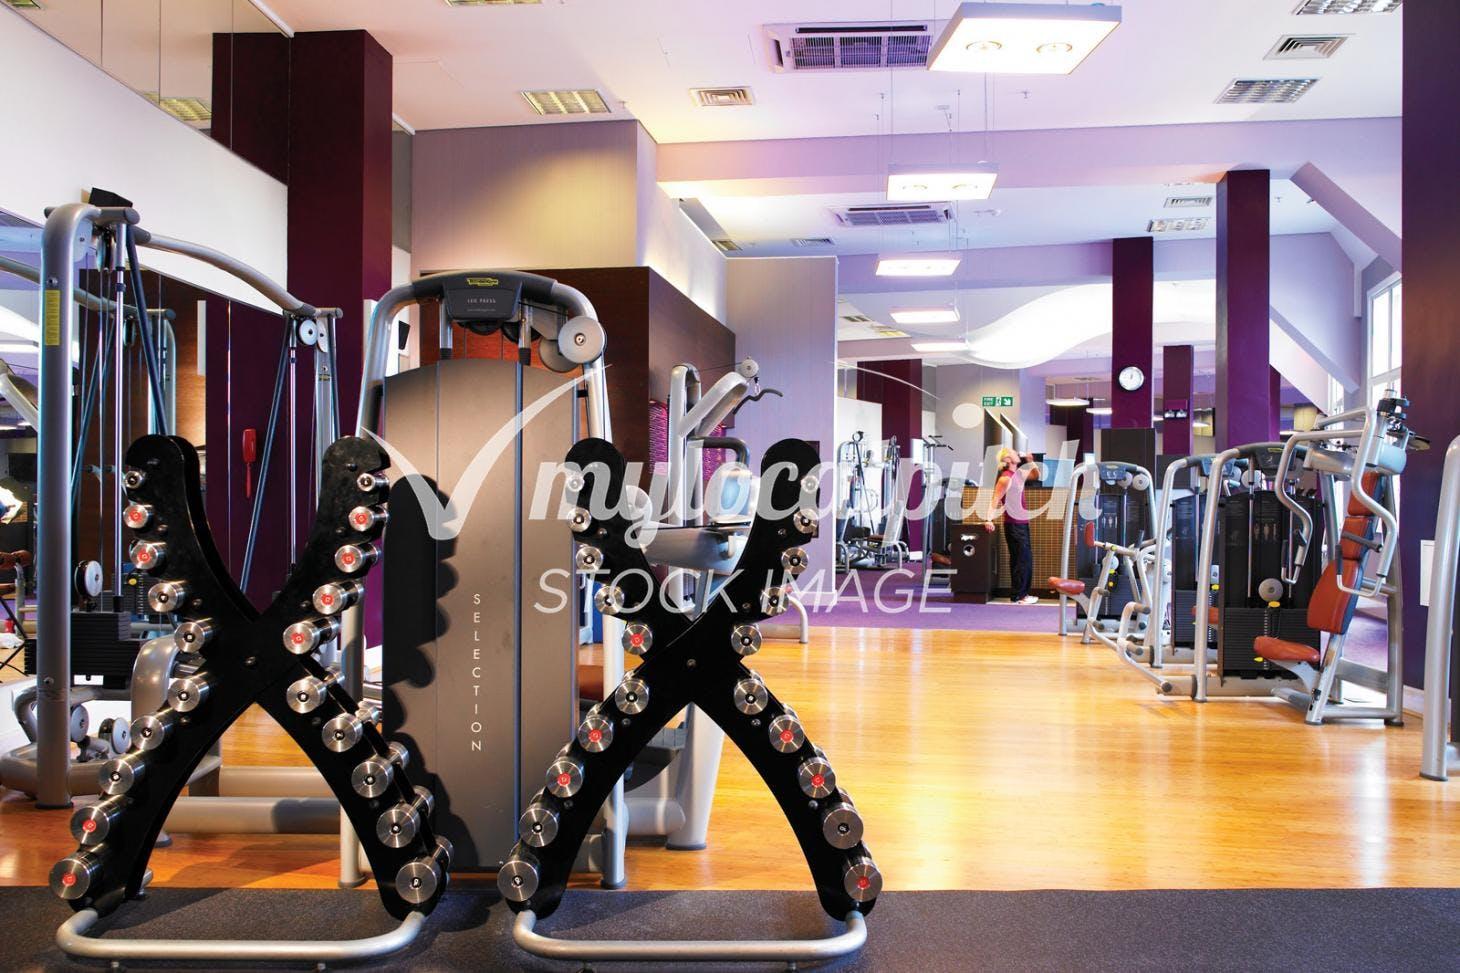 dlr Loughlinstown Indoor gym